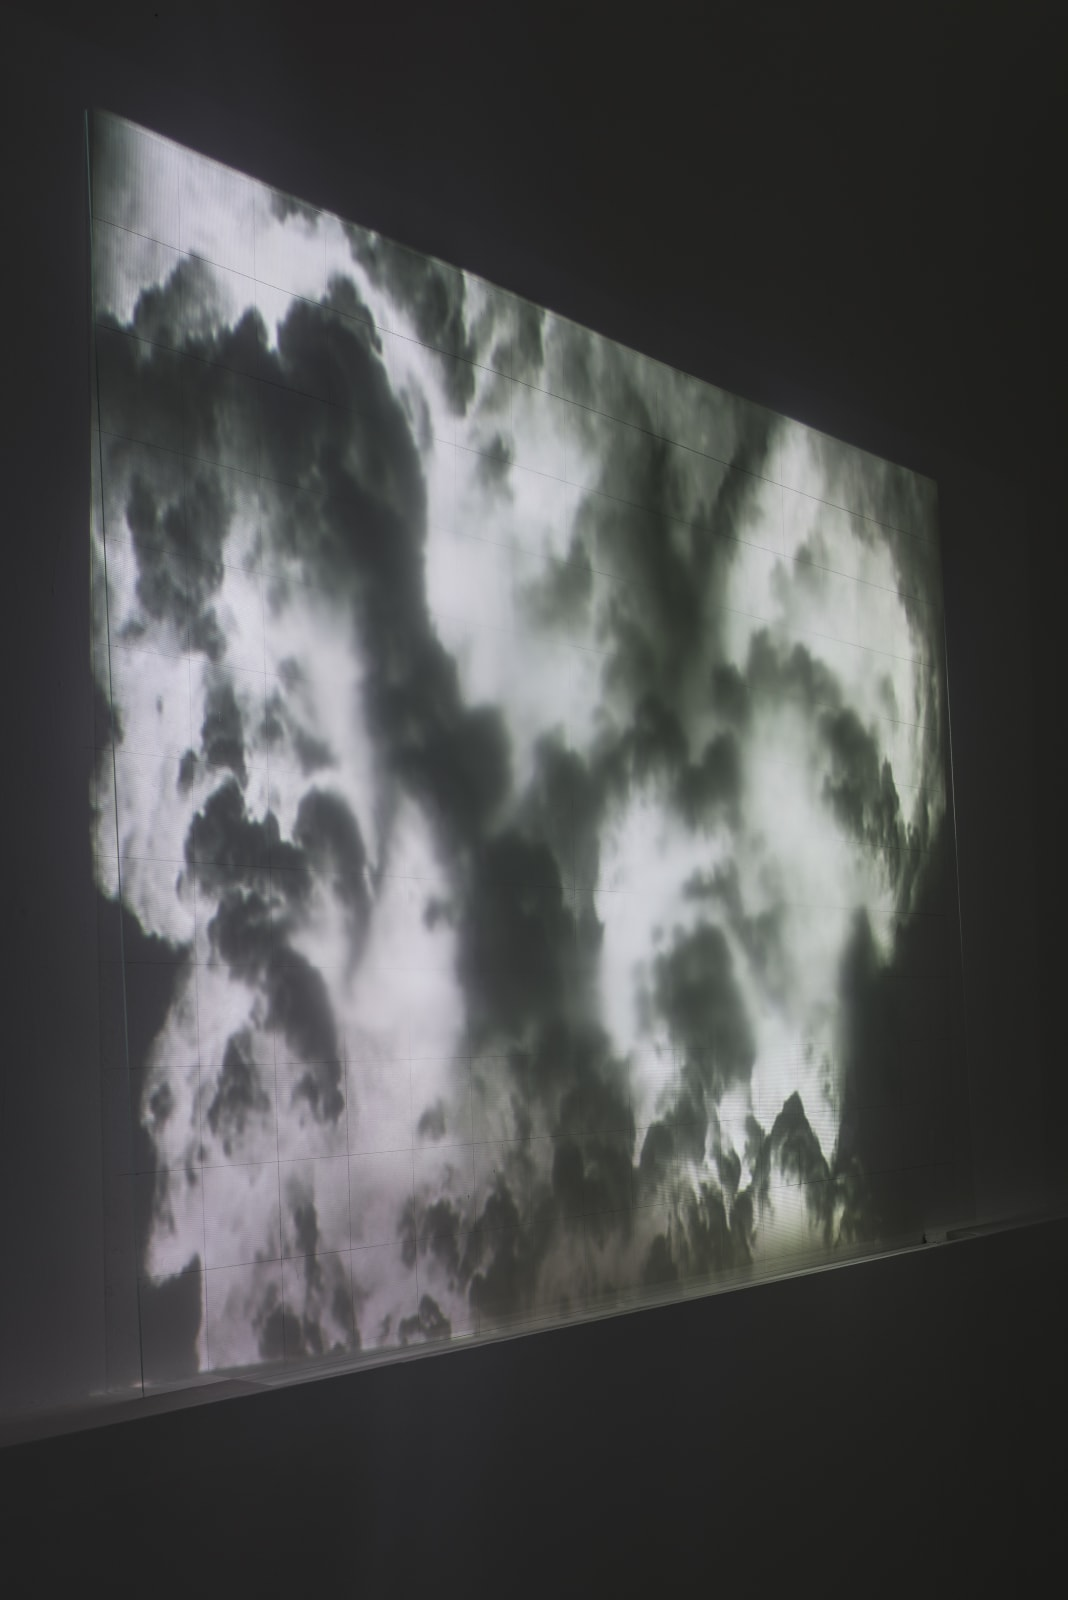 EntreNous, Pier Paolo Calzolari & Marco Maria Giuseppe Scifo, installation view at z2o Sara Zanin Gallery